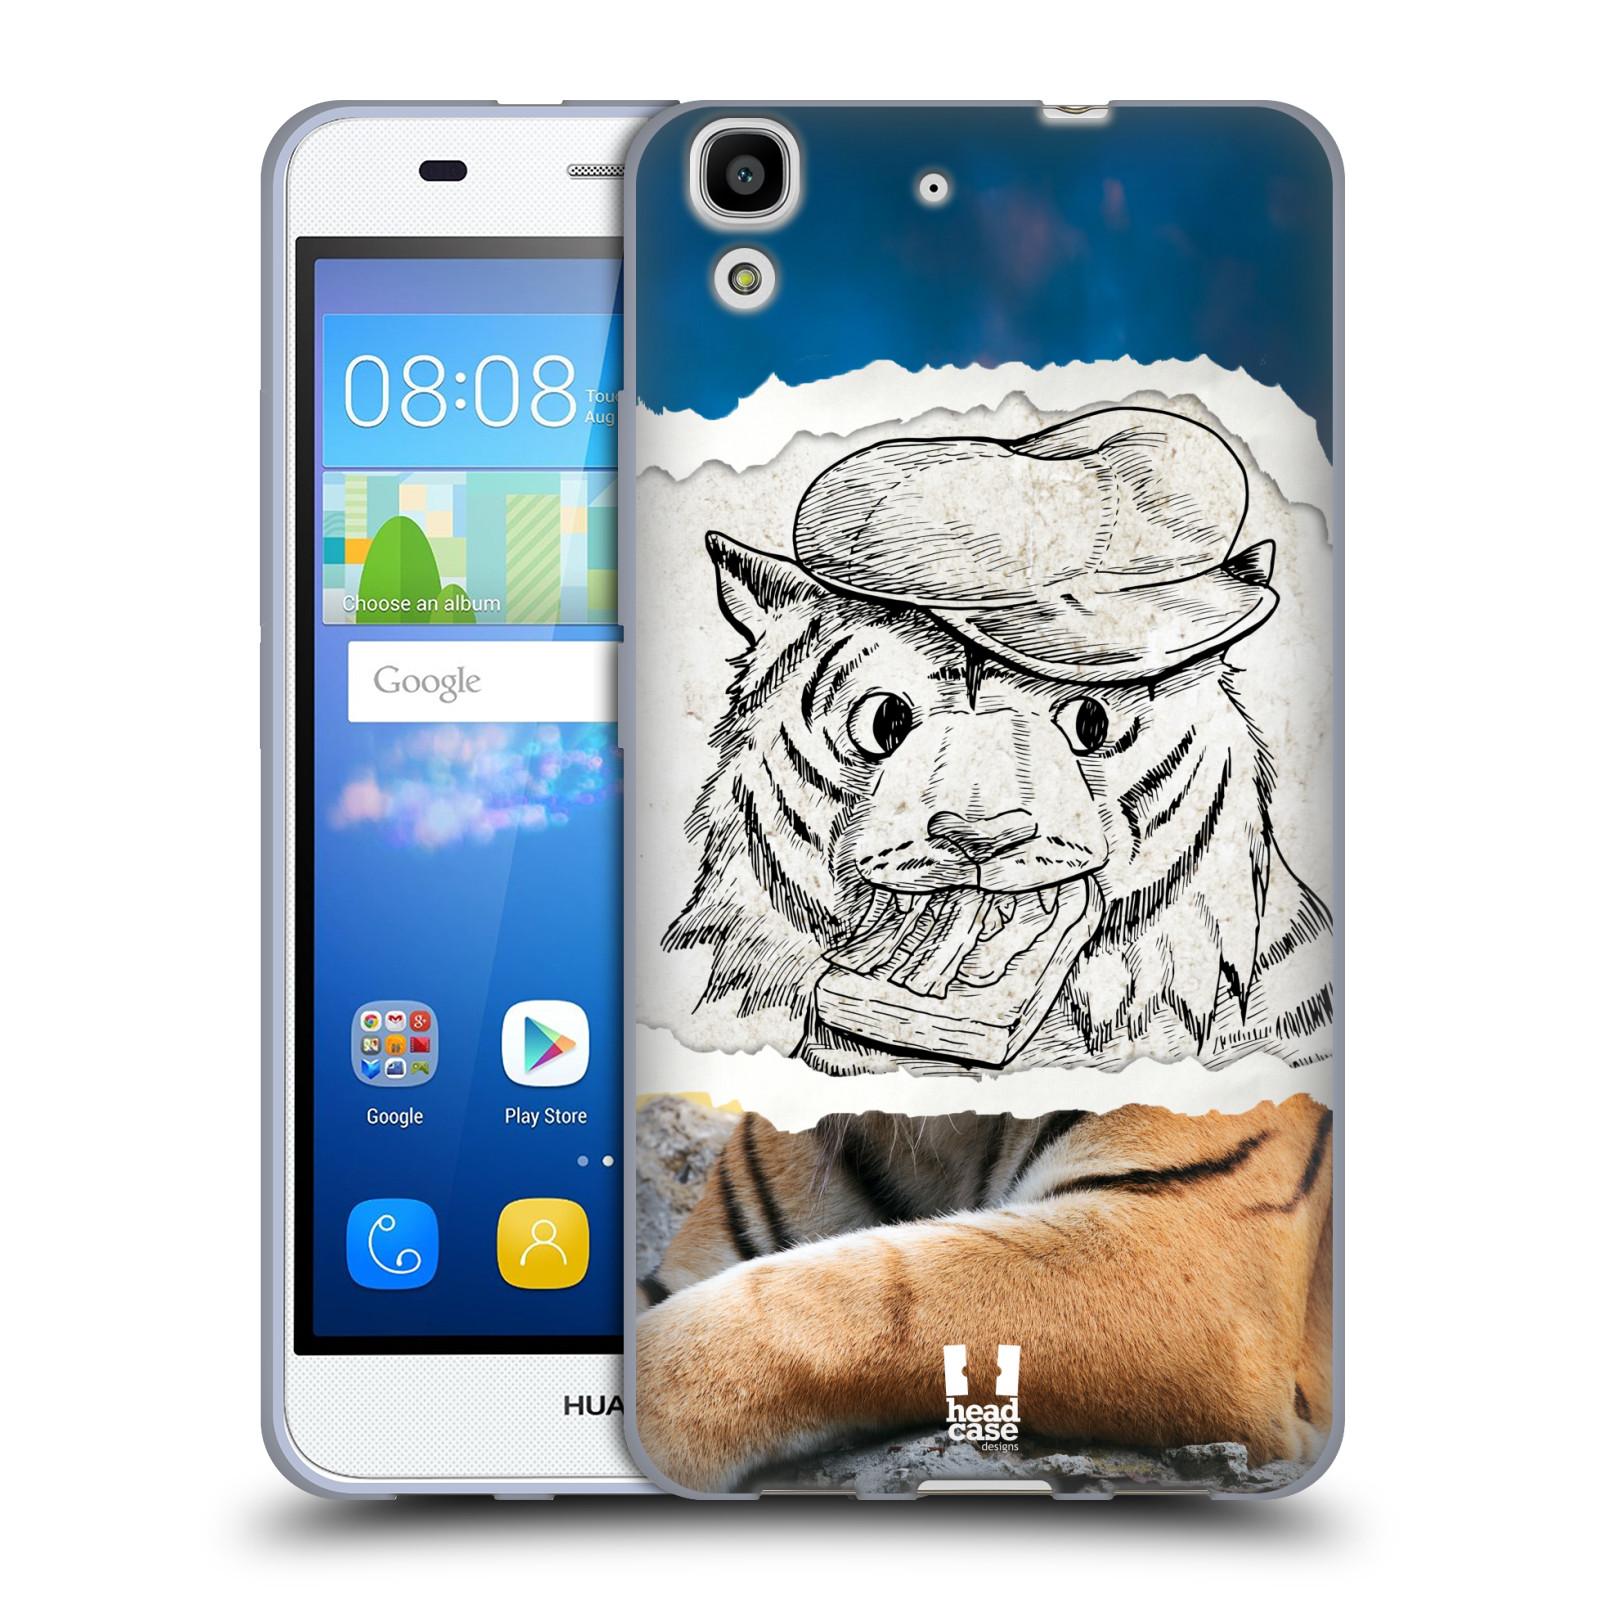 HEAD CASE silikonový obal na mobil HUAWEI Y6 vzor zvířata koláž tygr fešák